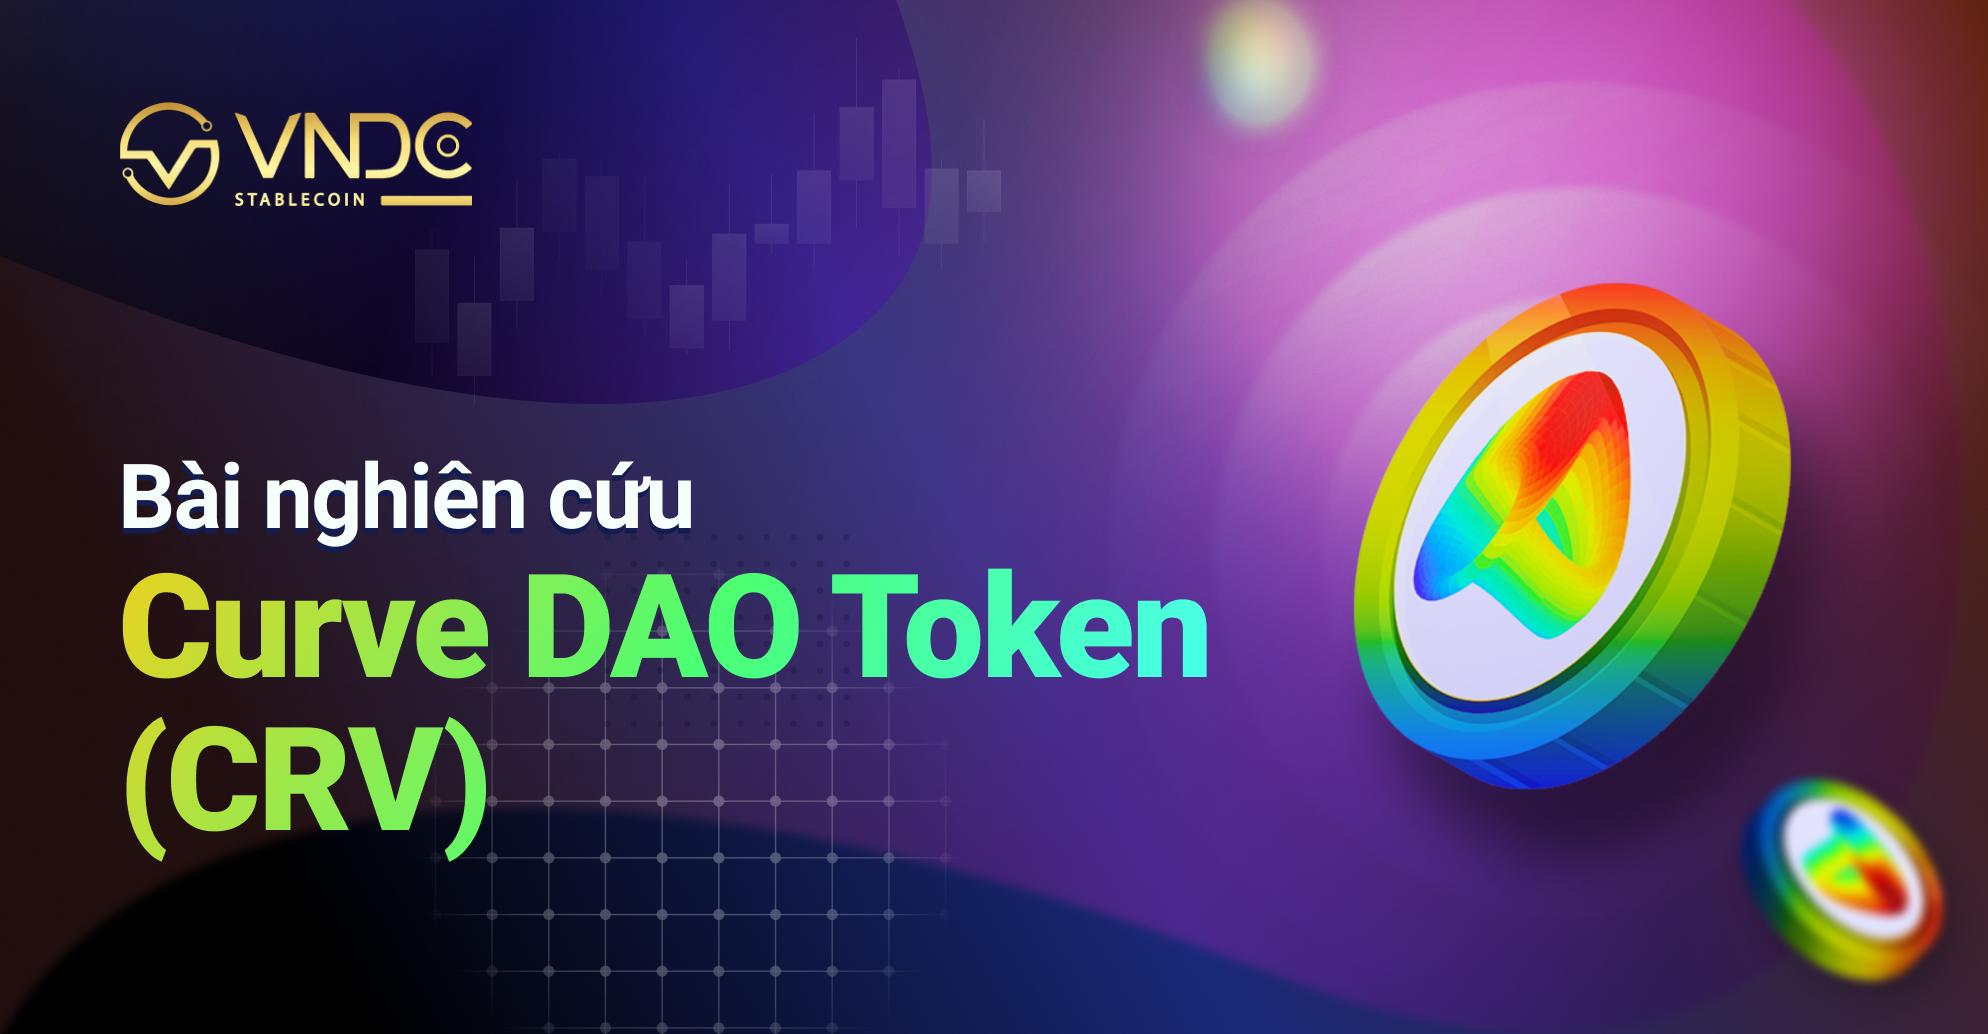 Bài nghiên cứu về Curve DAO Token (CRV)